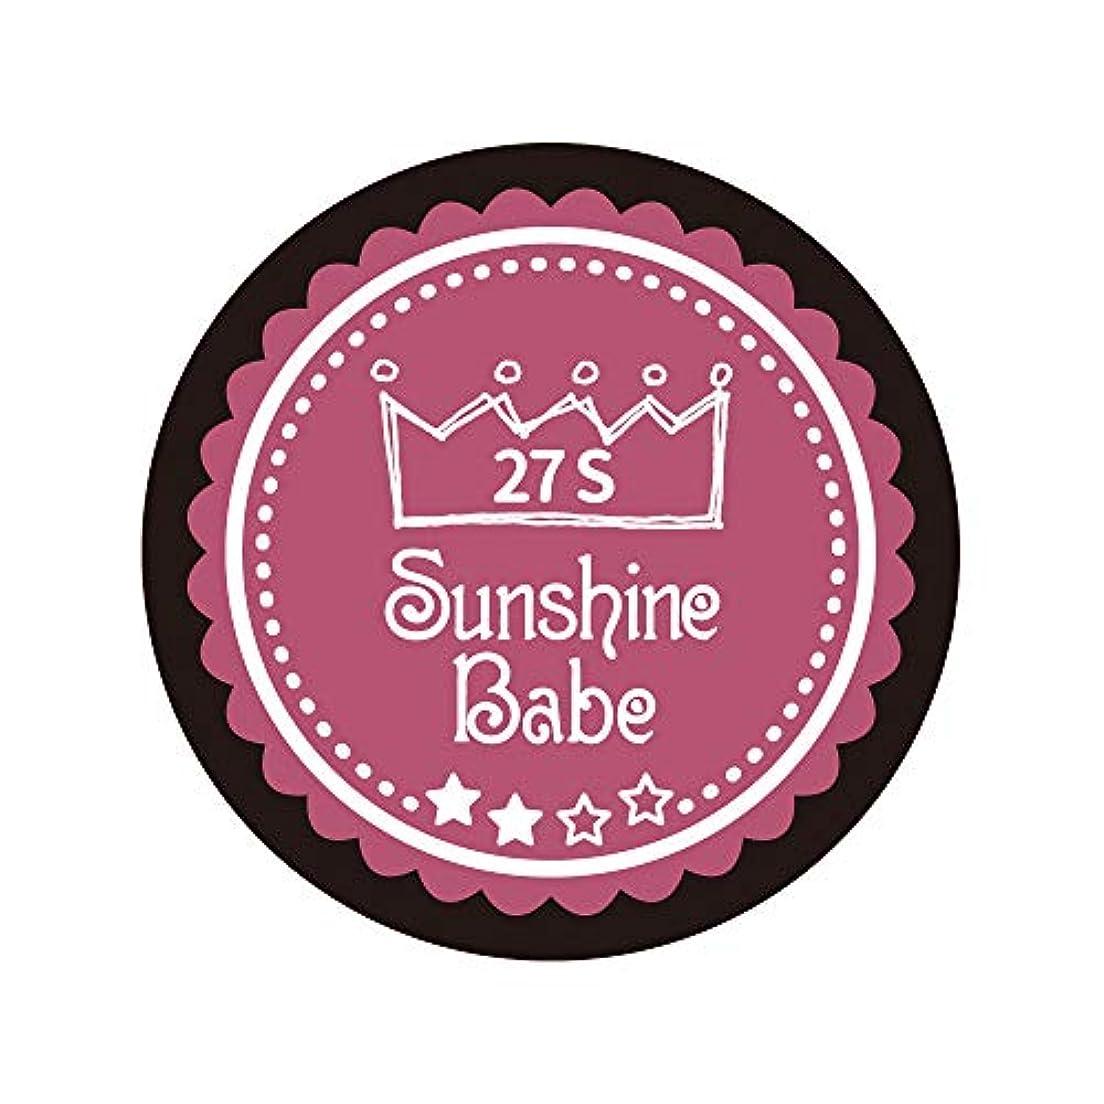 困惑ハリウッドずるいSunshine Babe カラージェル 27S プアゾン 2.7g UV/LED対応